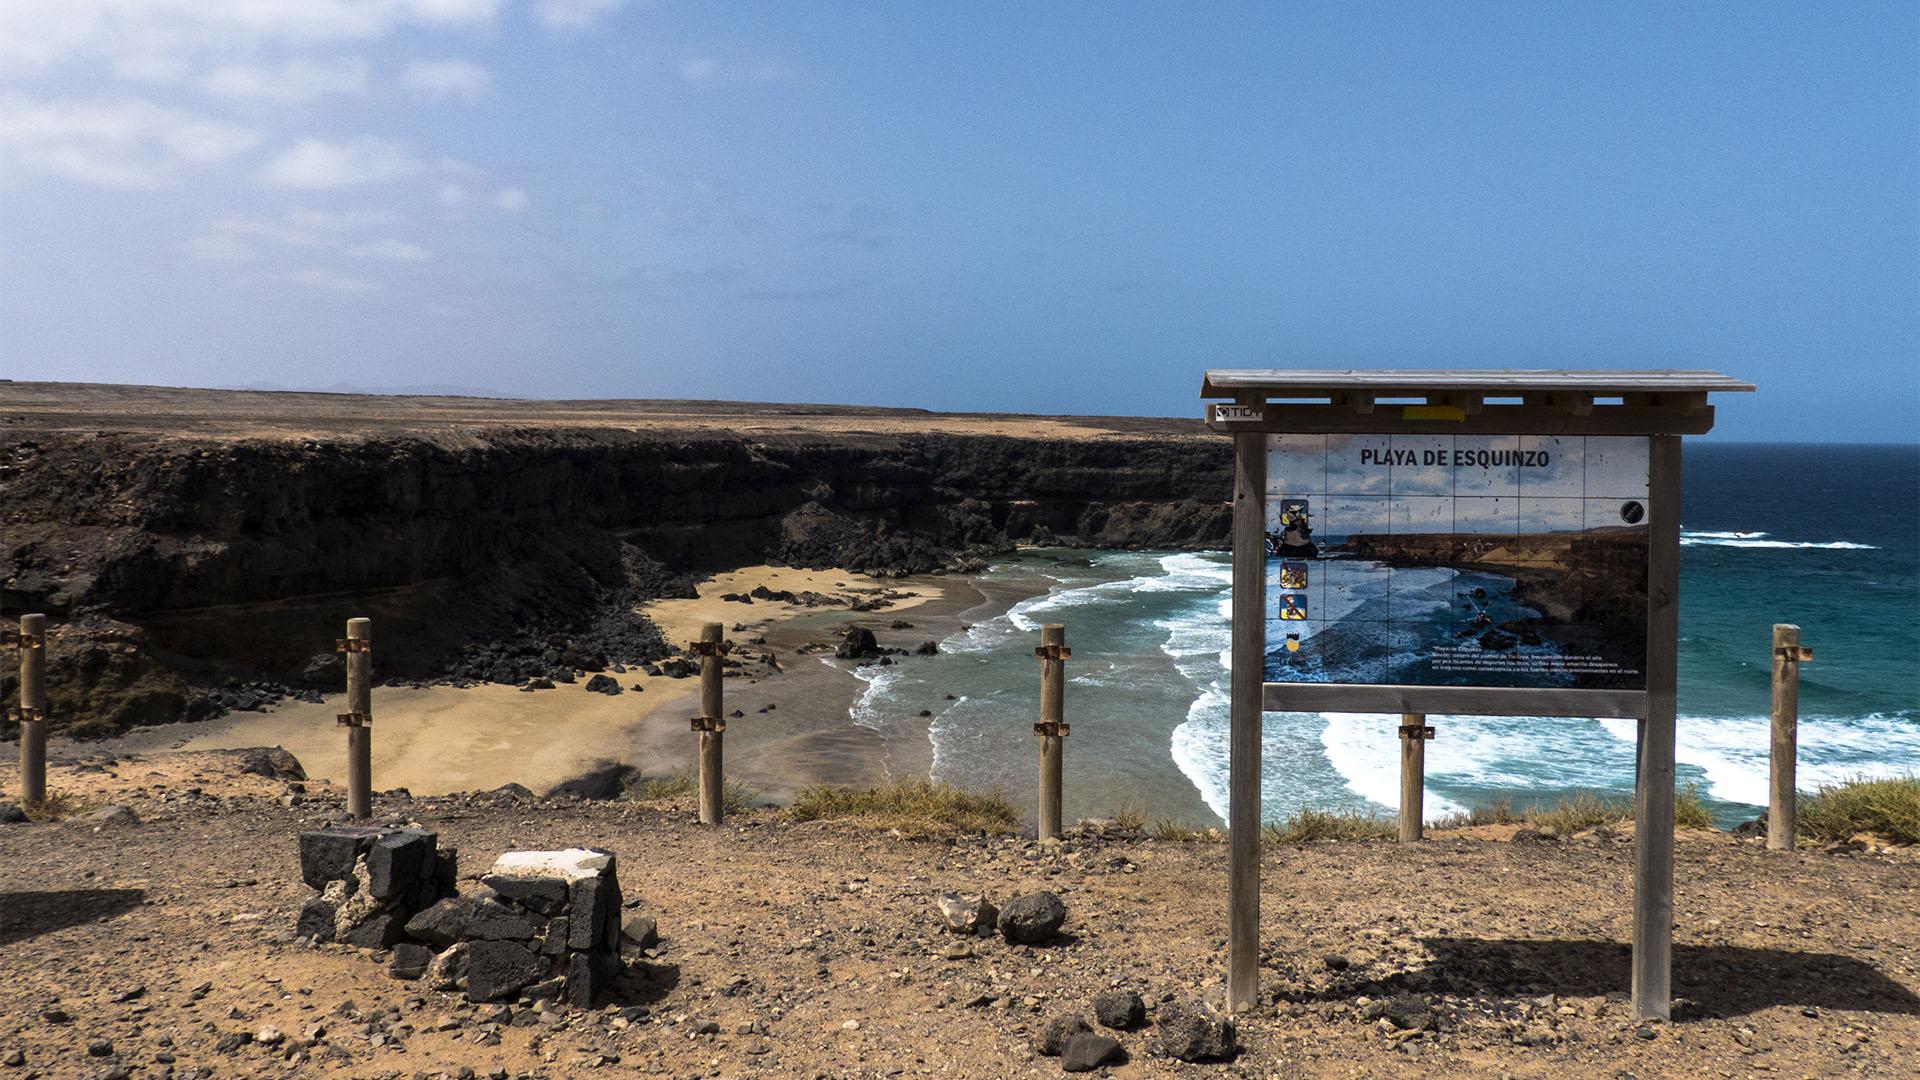 Wandern + Trekking auf Fuerteventura: Von El Cotillo zum Playa Esquinzo.